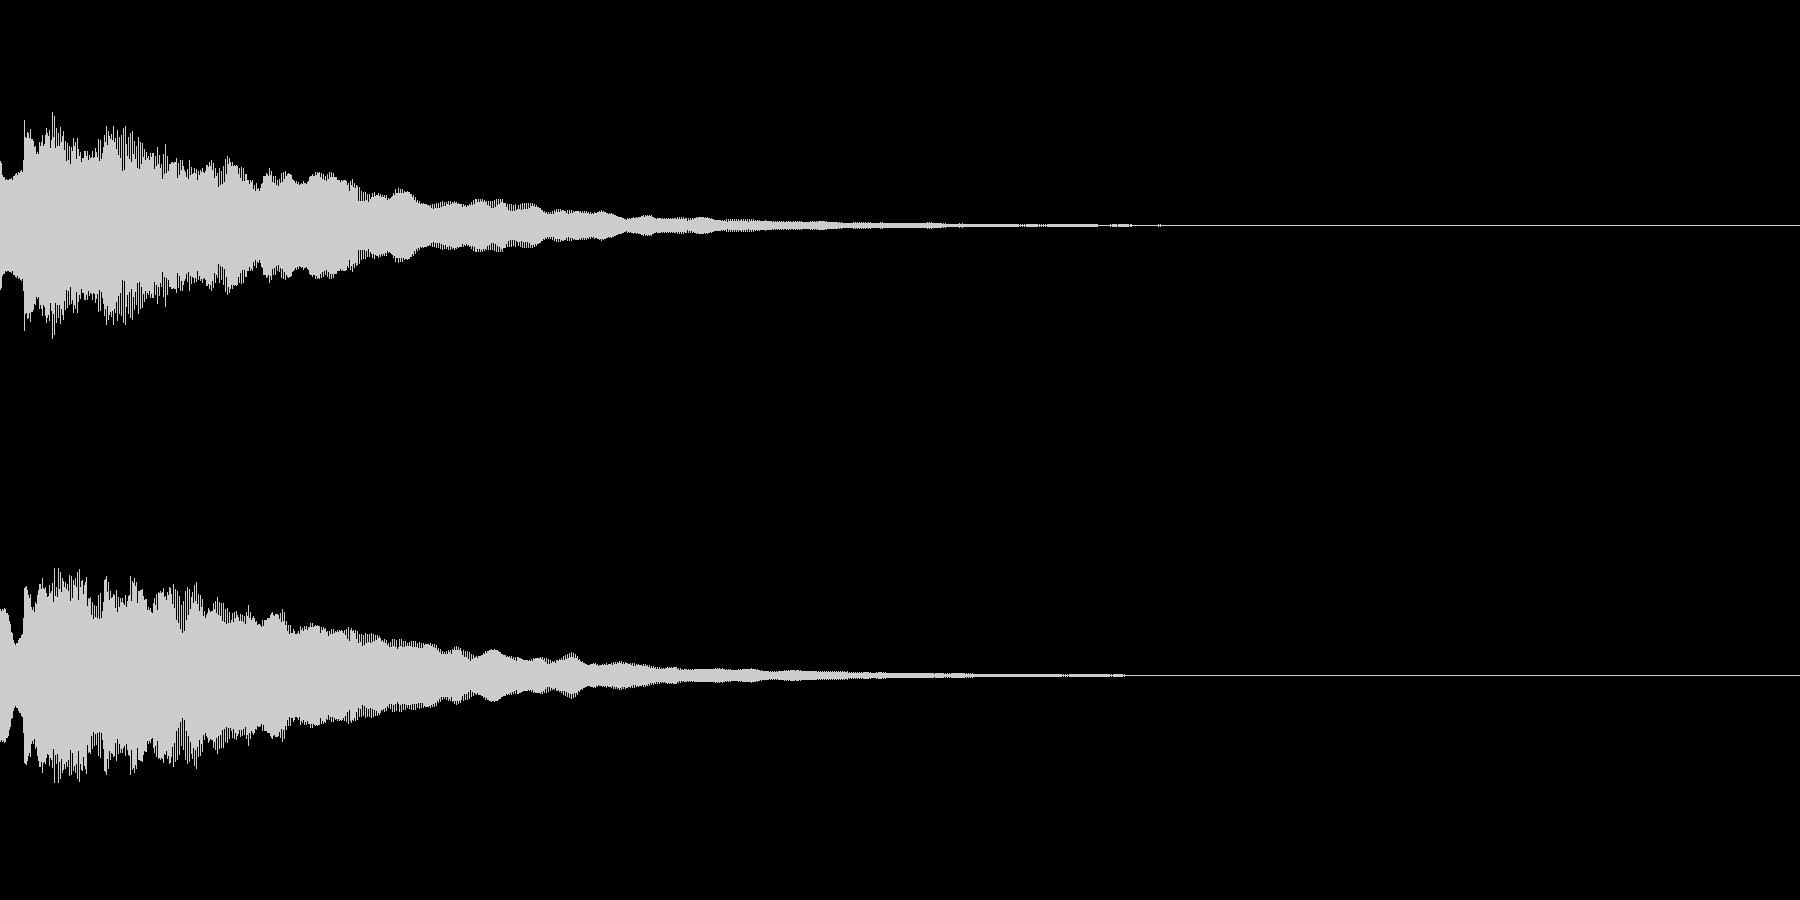 決定や場面転換など「タラリラリーン」の未再生の波形